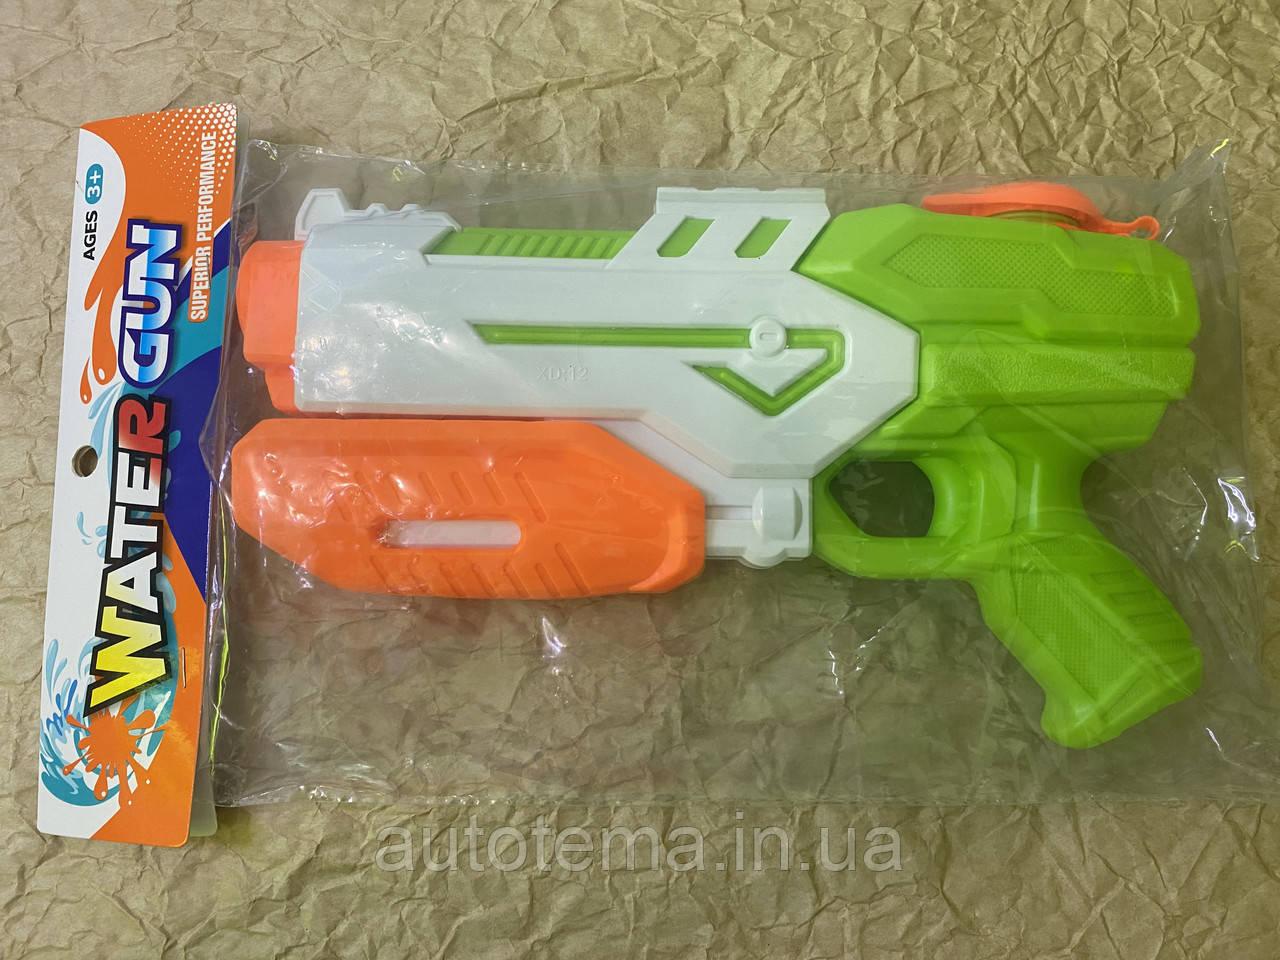 Водный пистолет Water Gun